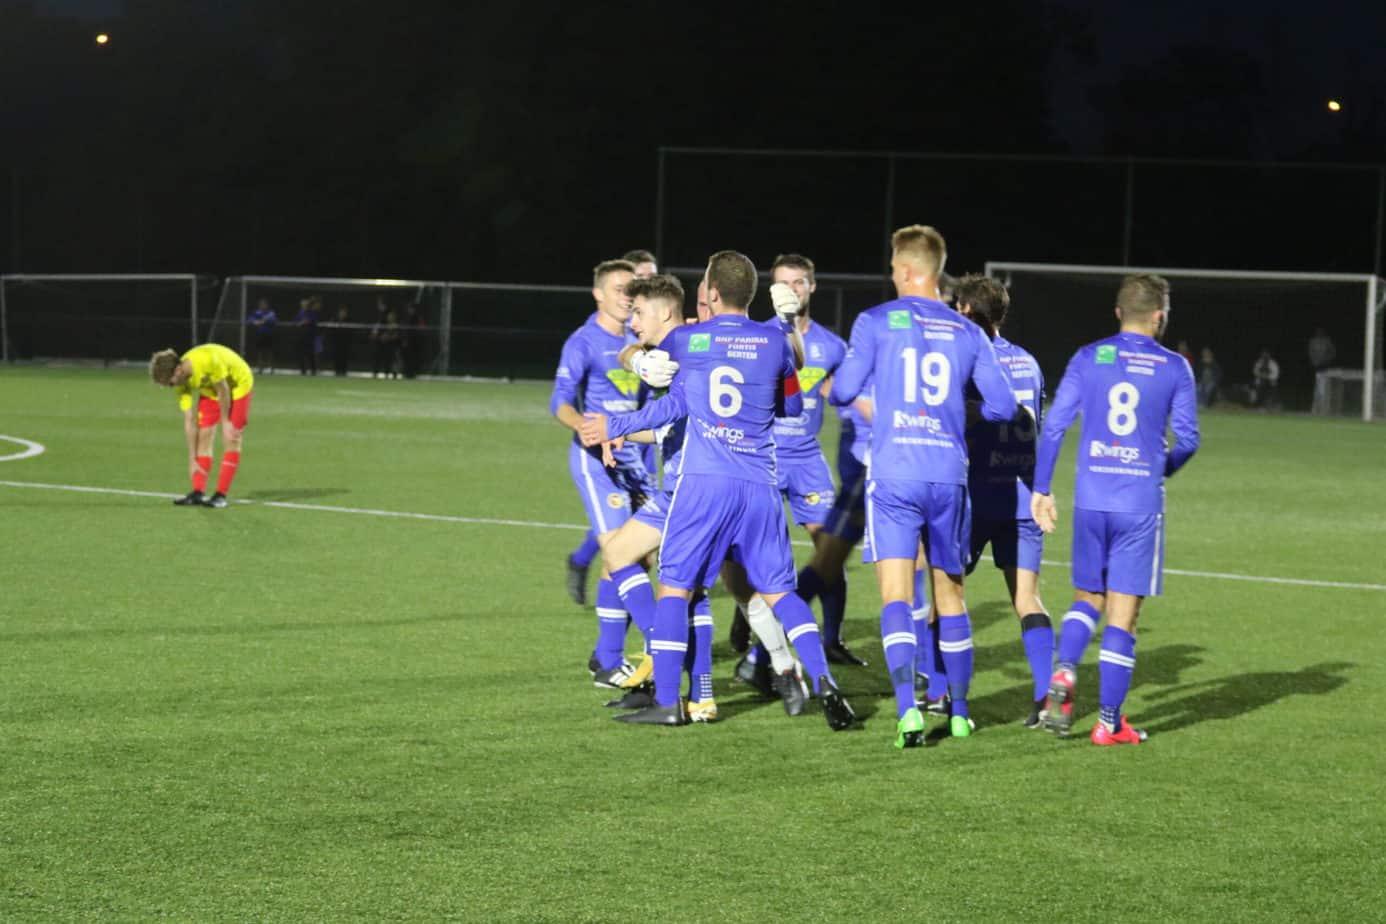 Jorne Vanderstappen beleeft mooiste moment uit voetbalcarrière